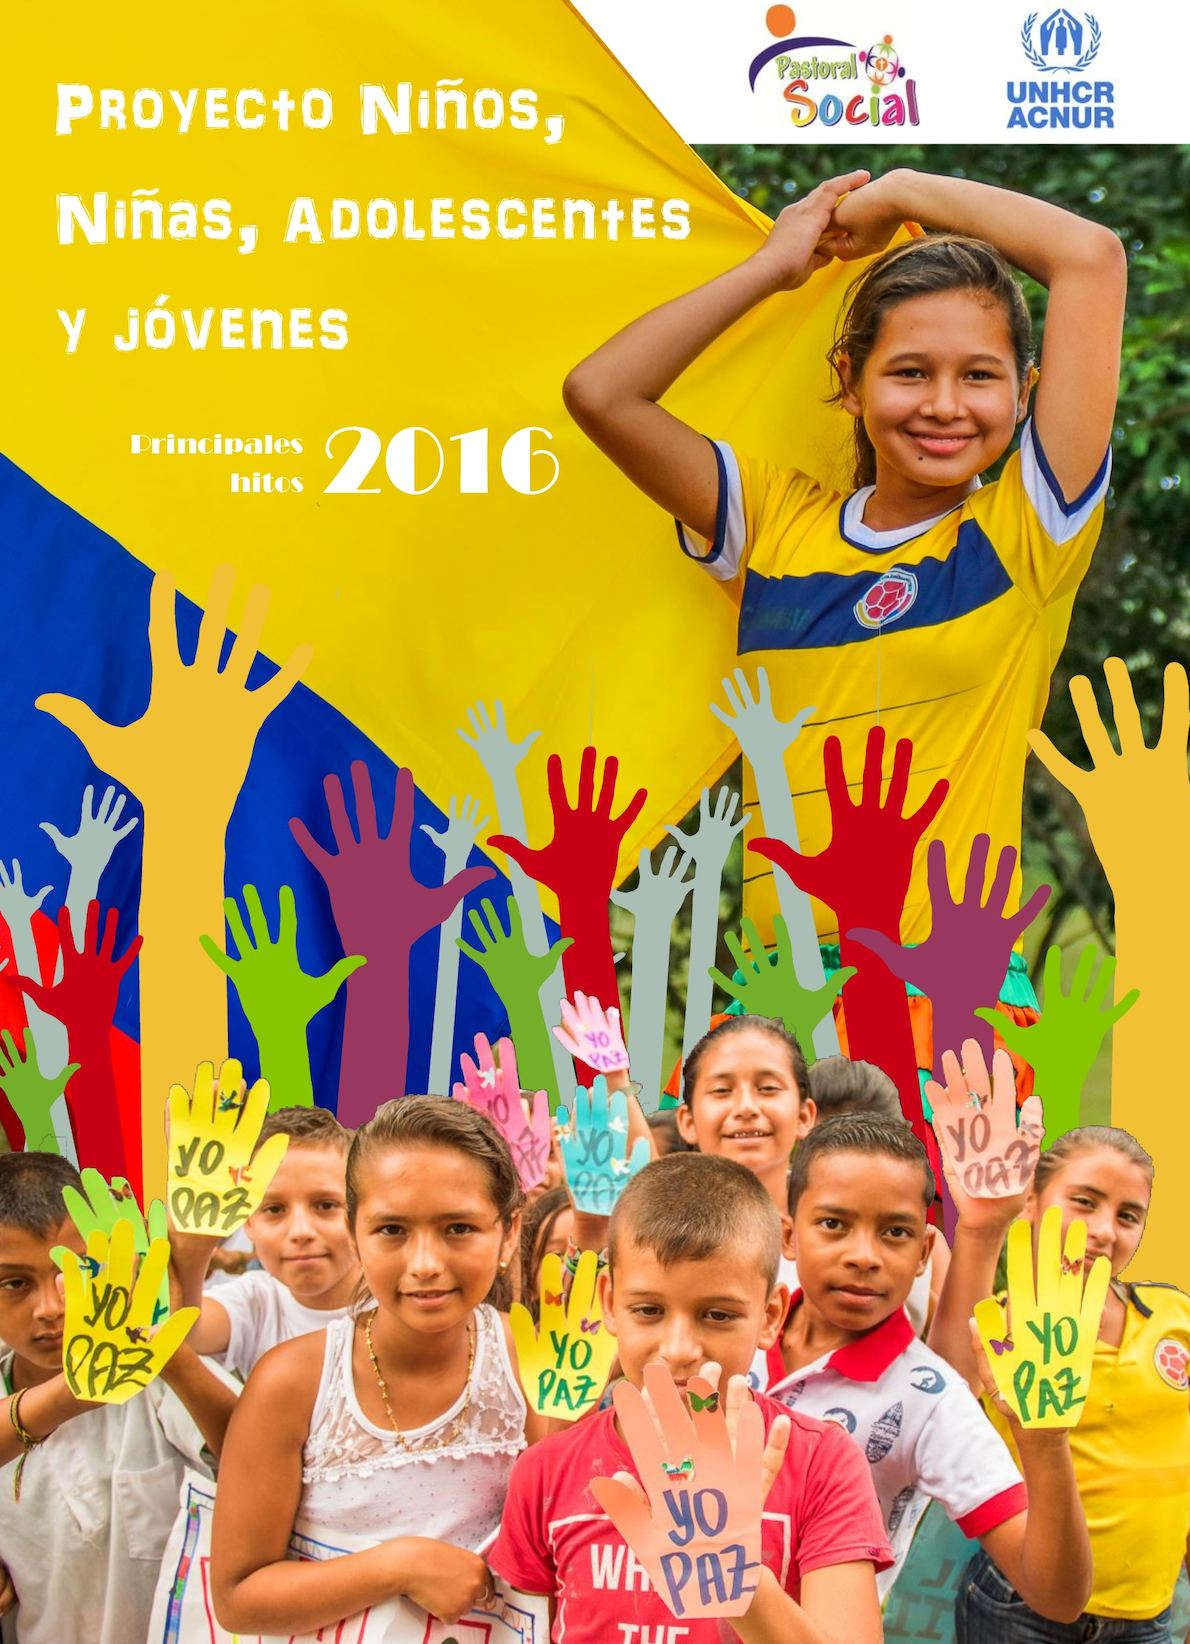 Proyecto Niños, Niñas y Jóvenes: Principales Hitos